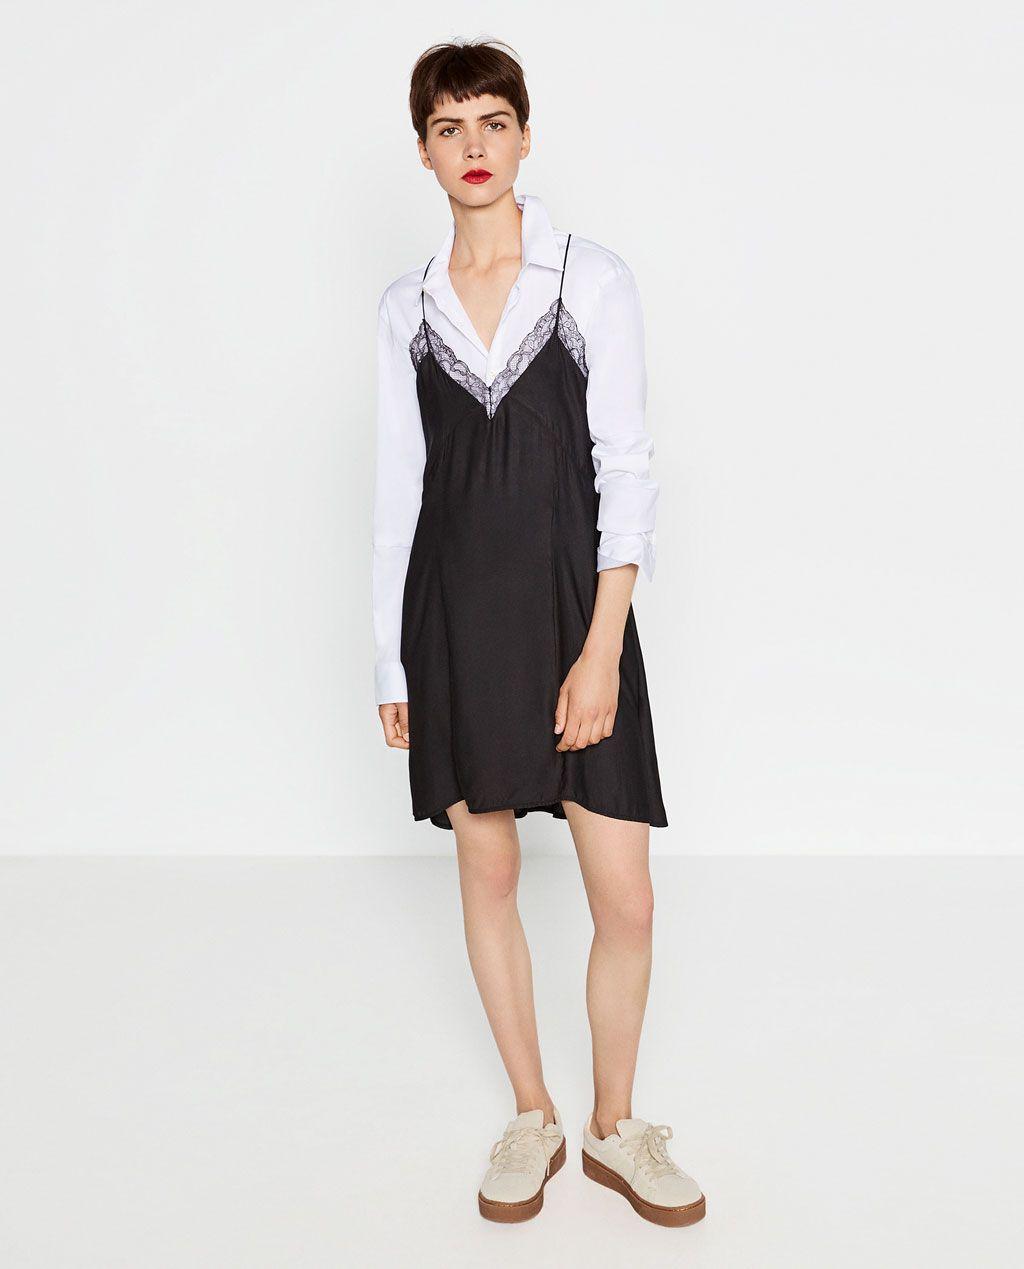 Ne znate kako nositi negliže haljinu? Mi znamo!